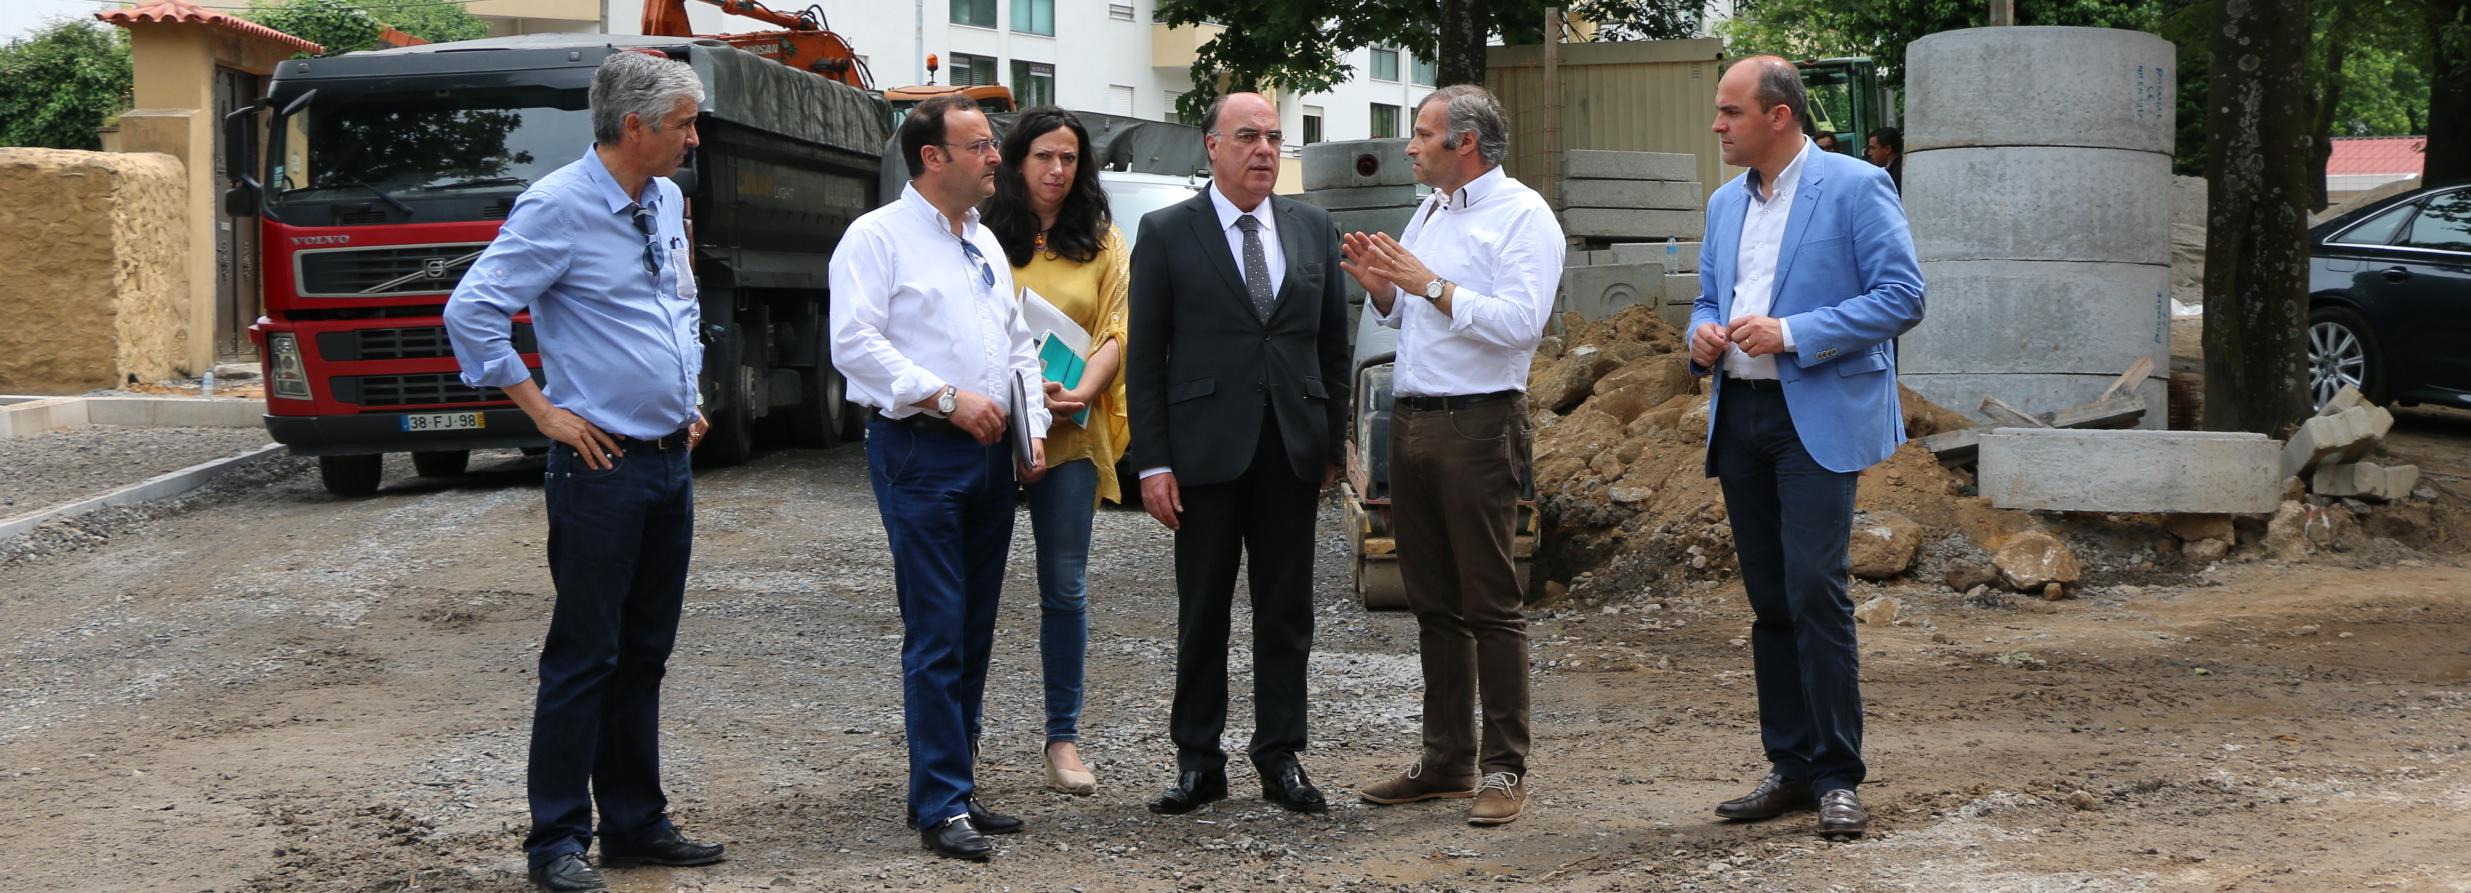 Presidente da Câmara visitou obras no Campo 25 de Abril